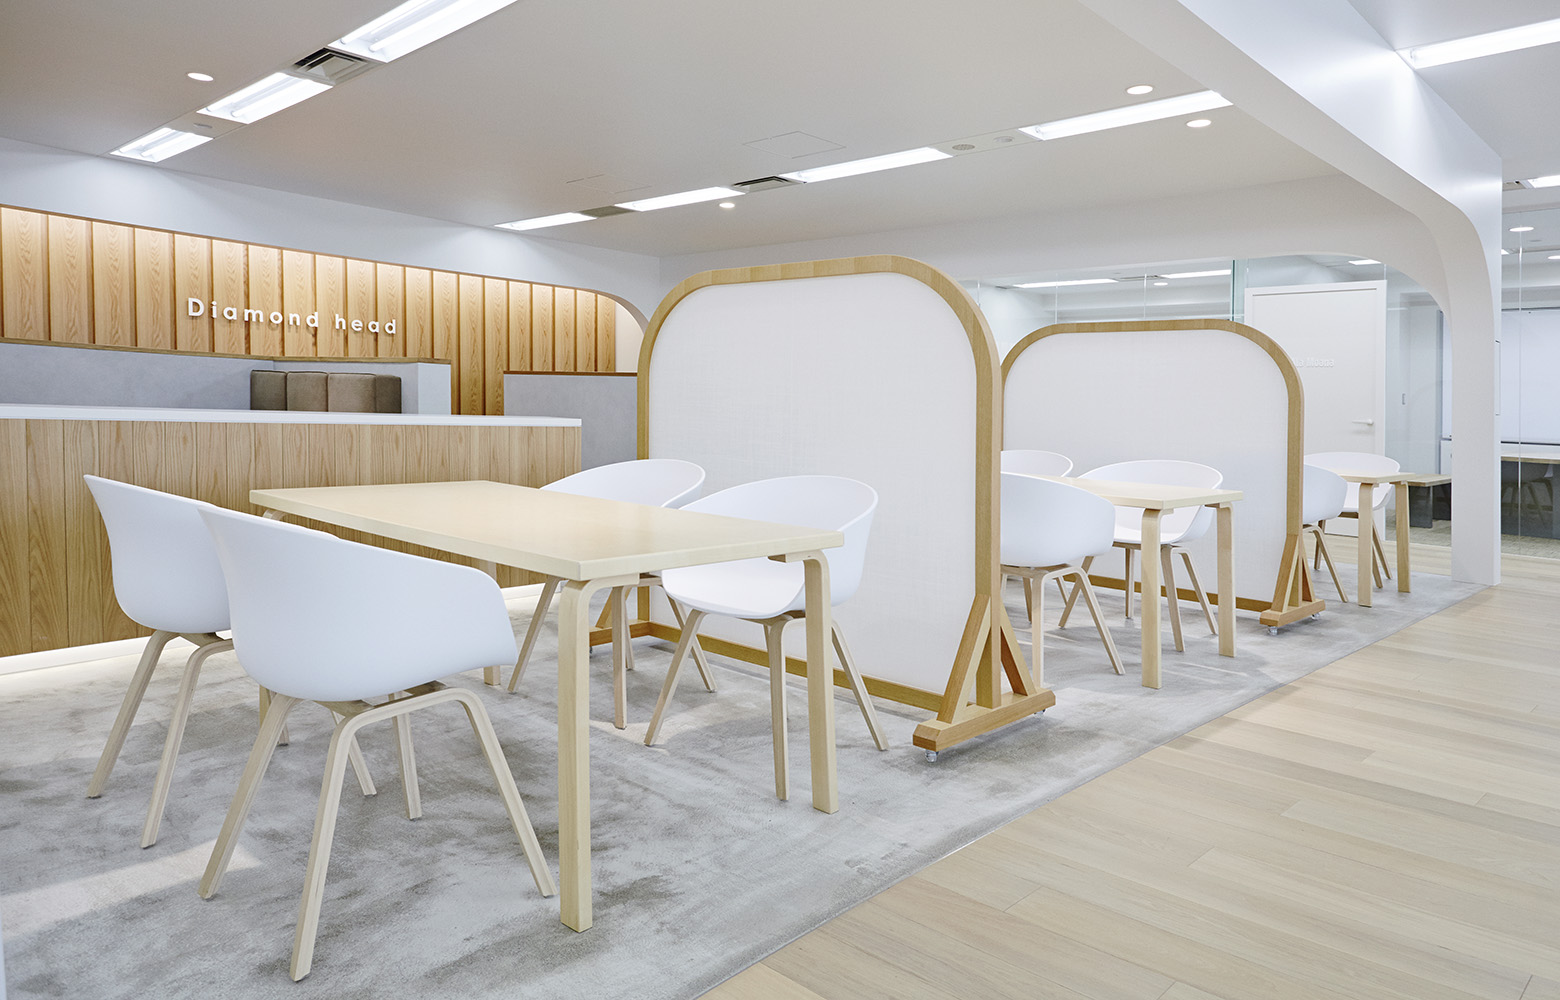 ダイアモンドヘッド株式会社 Tokyo Office Meeting Space_4 デザイン・レイアウト事例